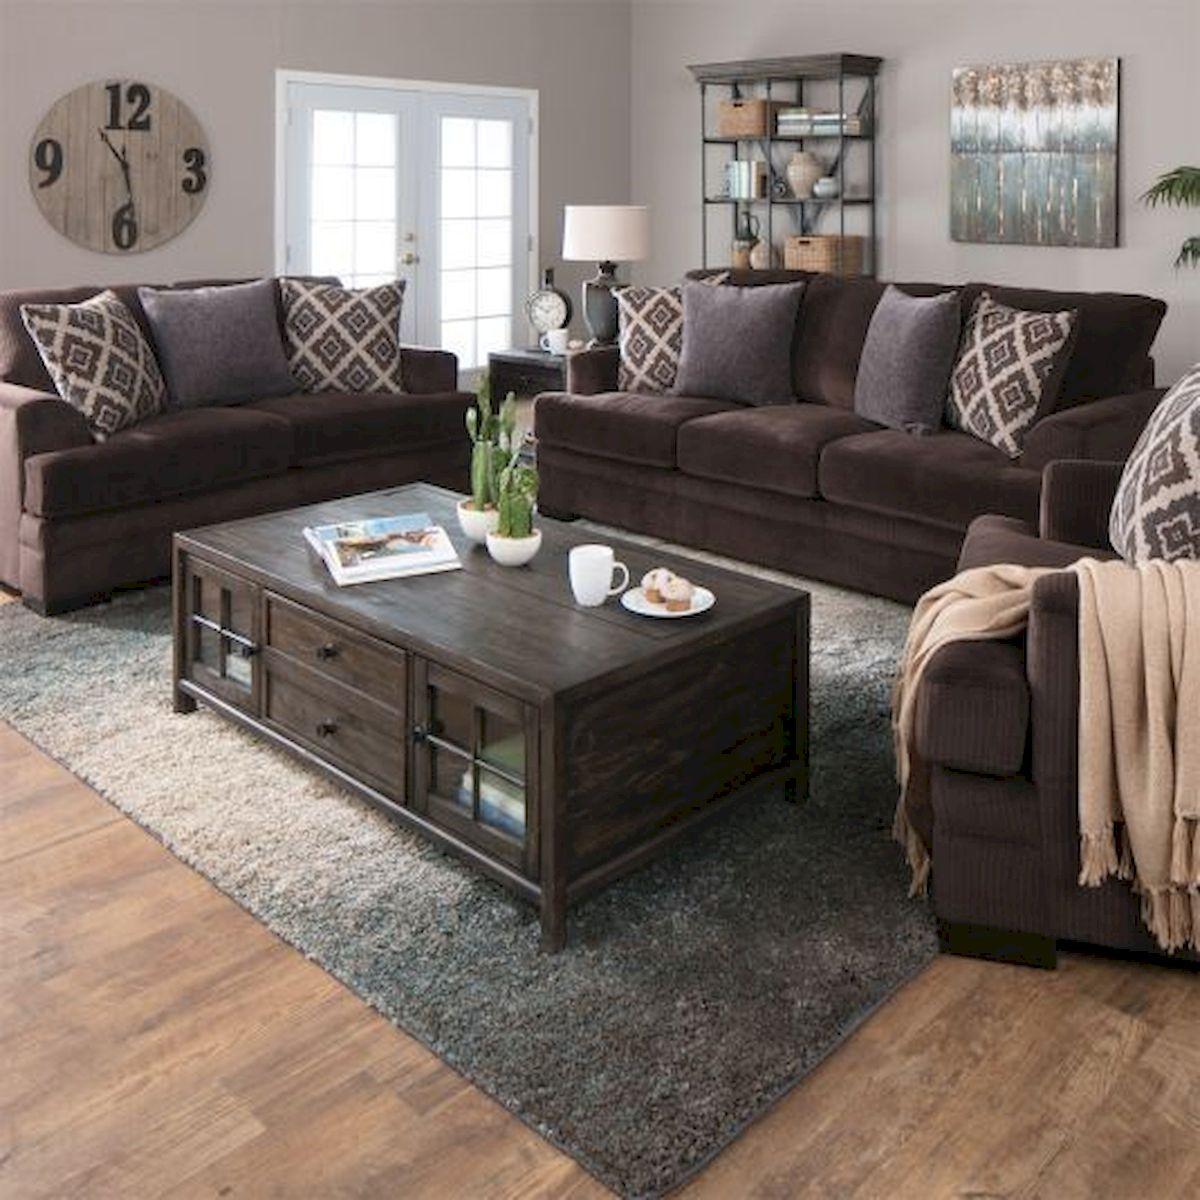 50 Cozy Farmhouse Living Room Design and Decor Ideas (12)